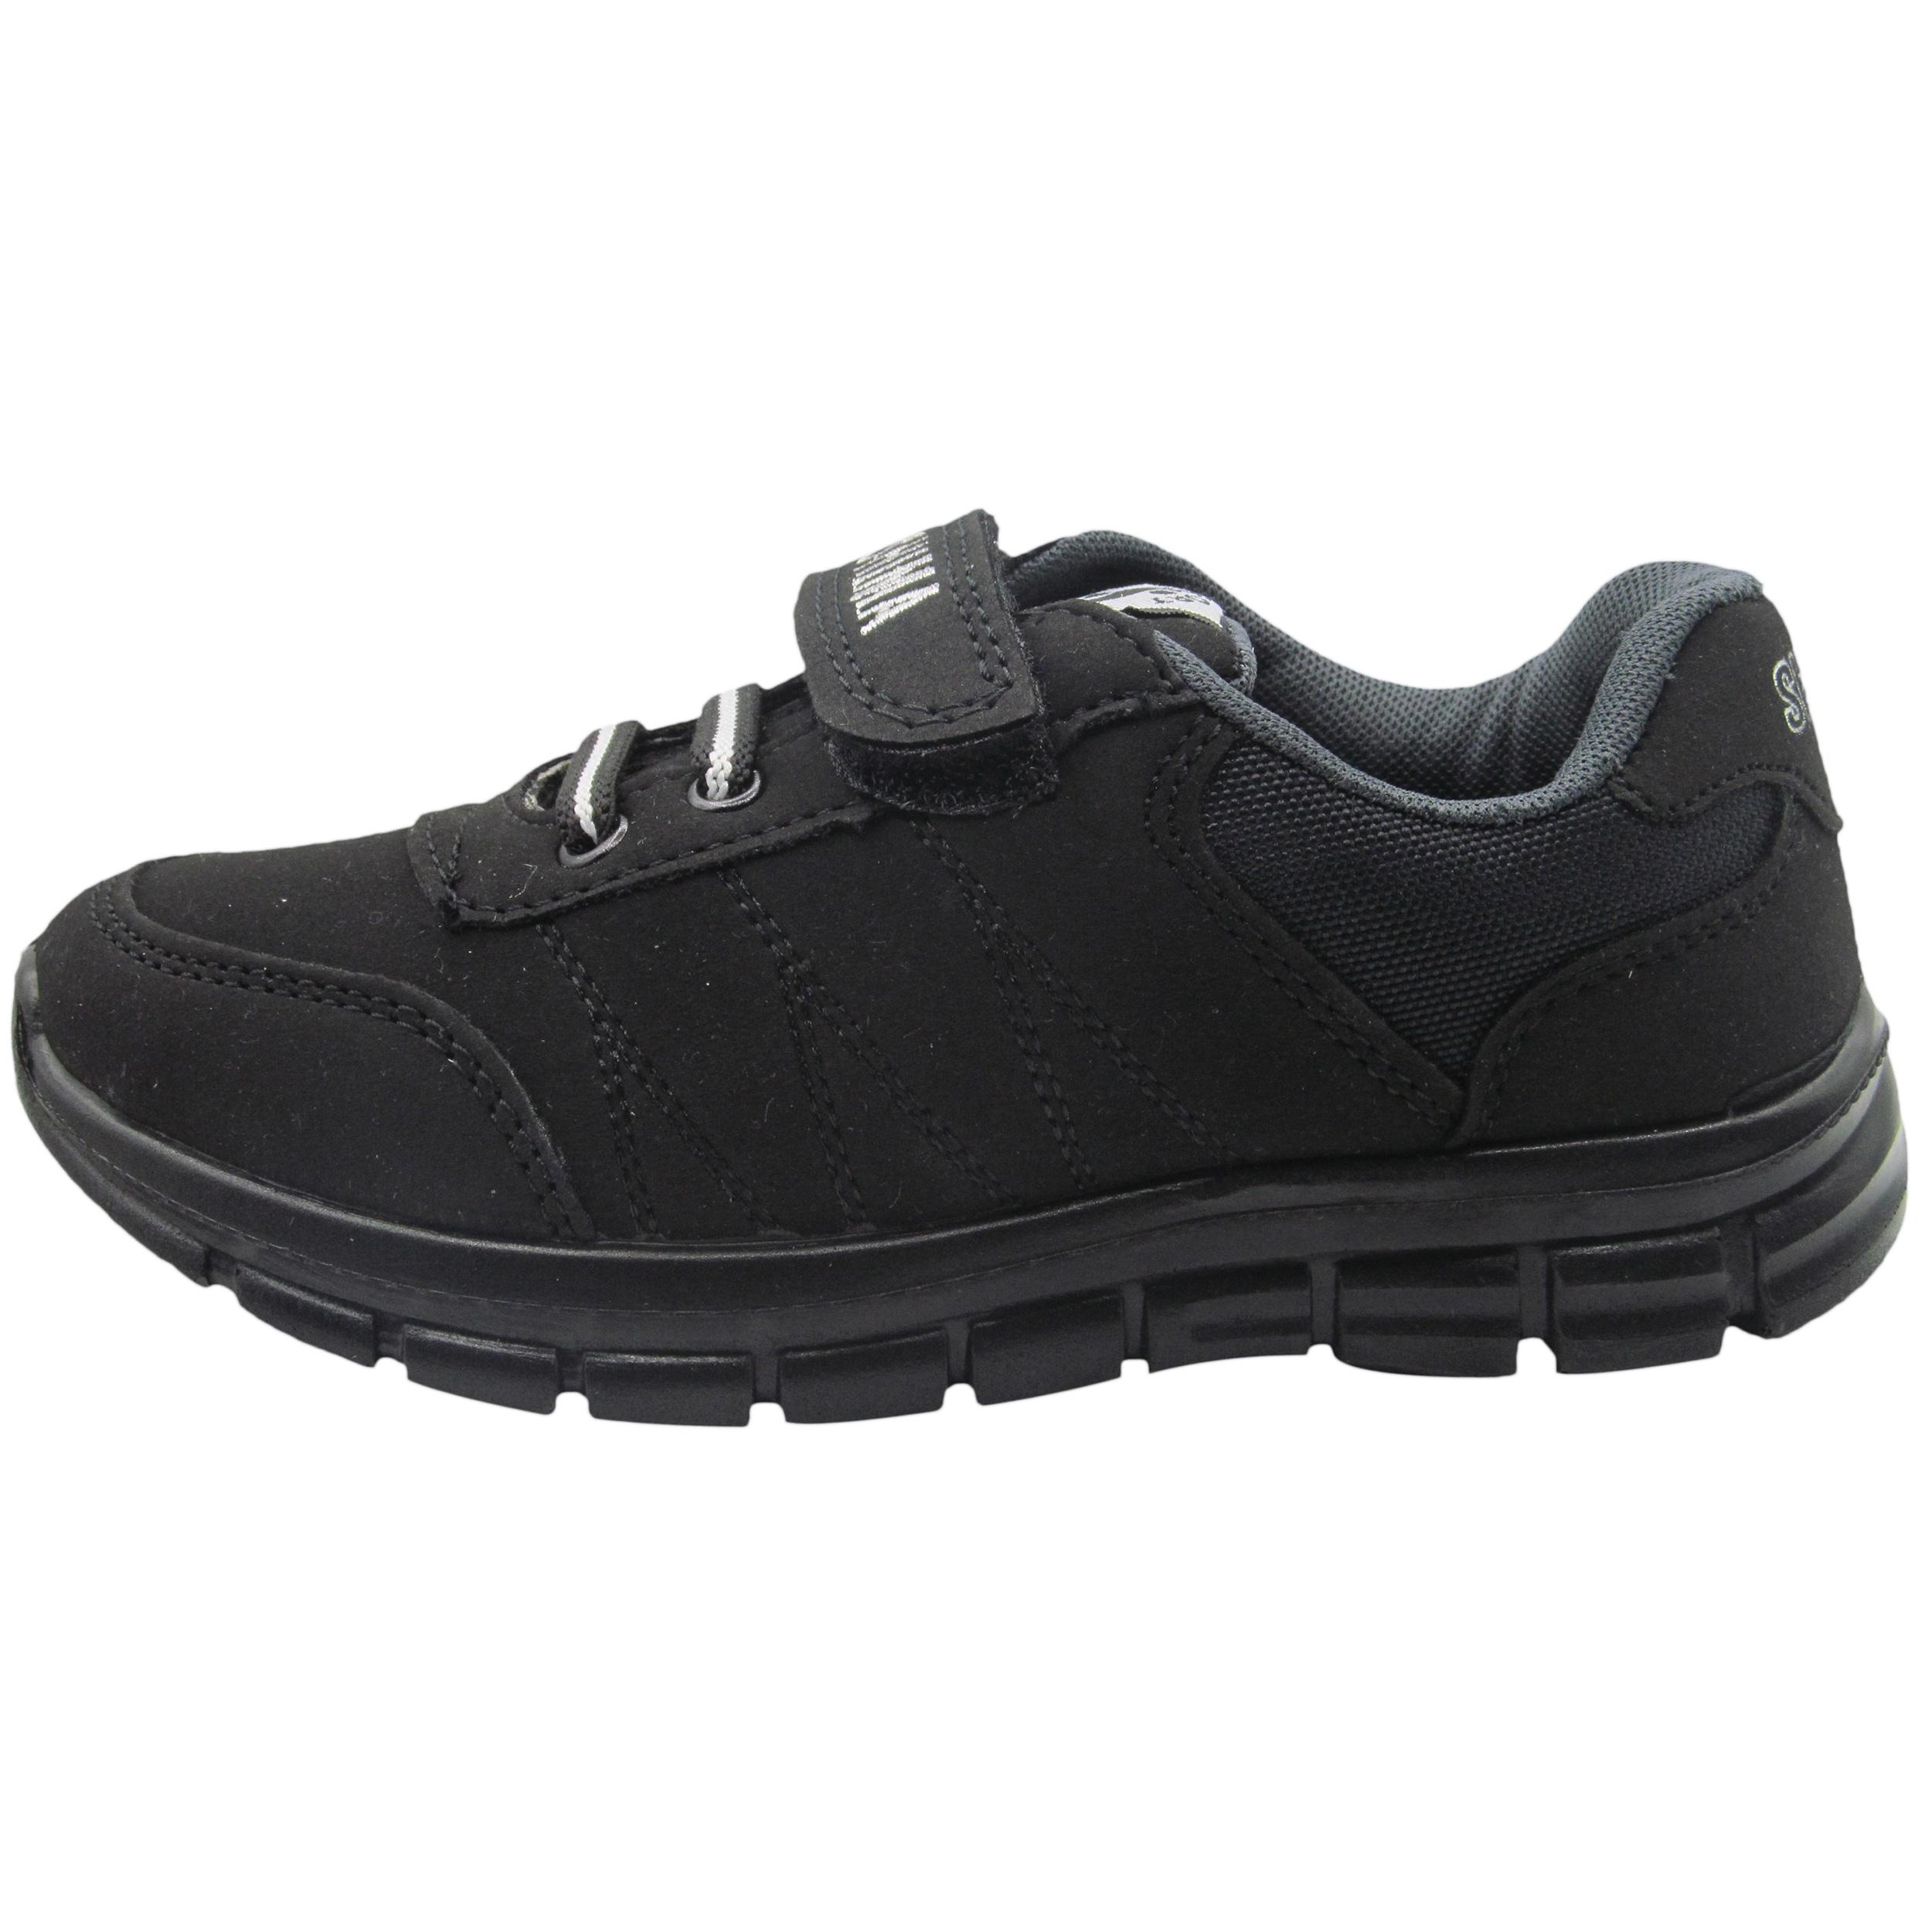 کفش بچگانه شیما مدل توماس 1190